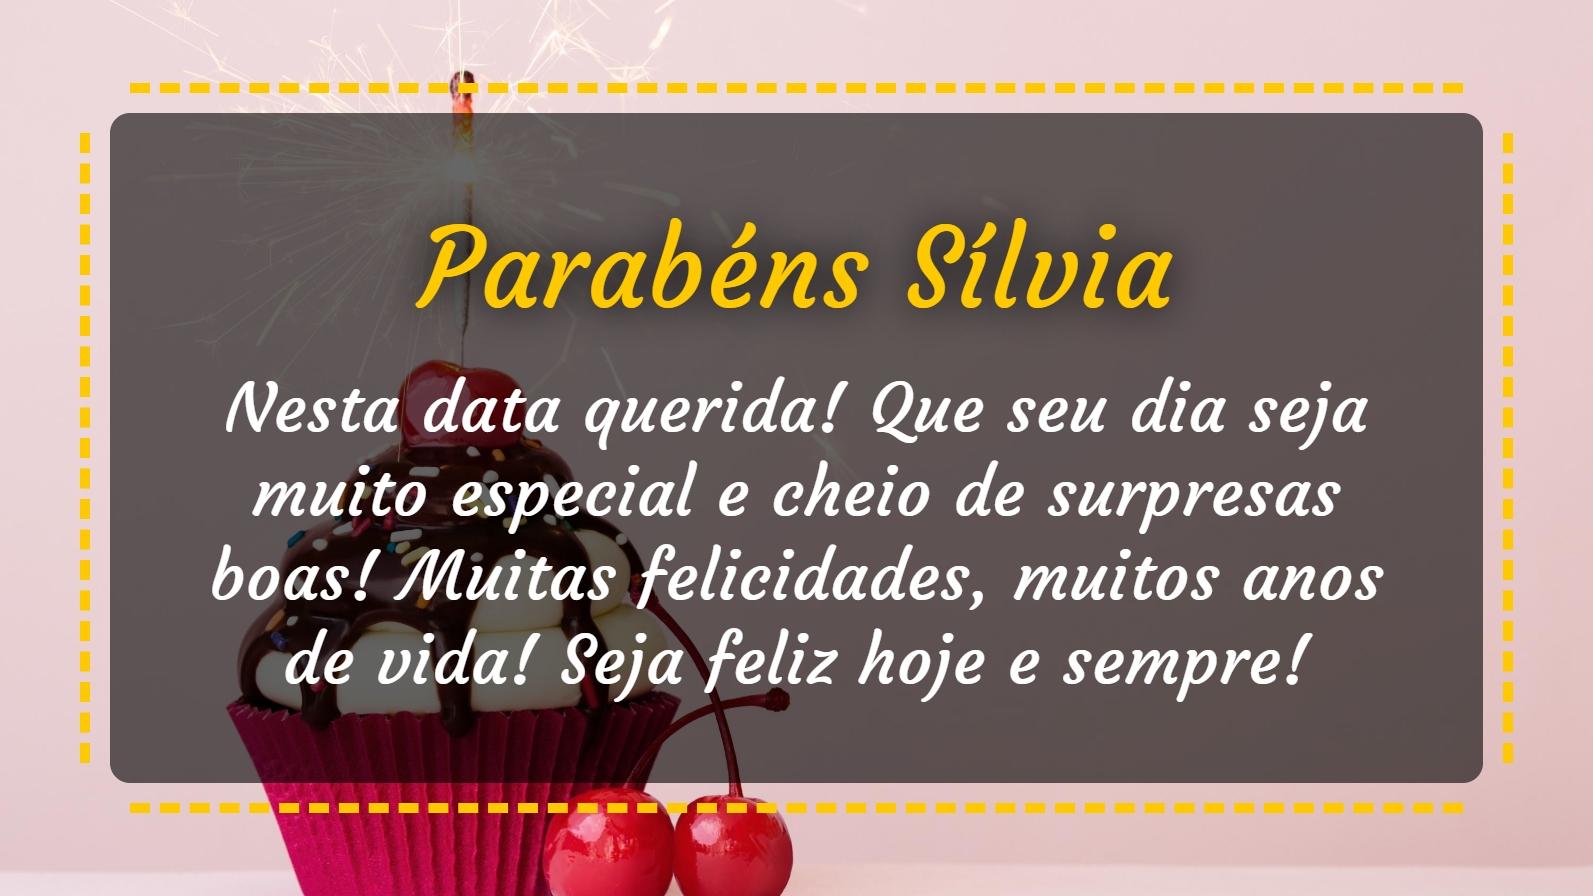 Parabéns pra você Sílvia! Parabens pra você. Nesta data querida! Que seu dia seja muito especial e cheio de surpresas boas! Muitas felicidades, muitos anos de vida! Seja feliz hoje e sempre! Parabéns!